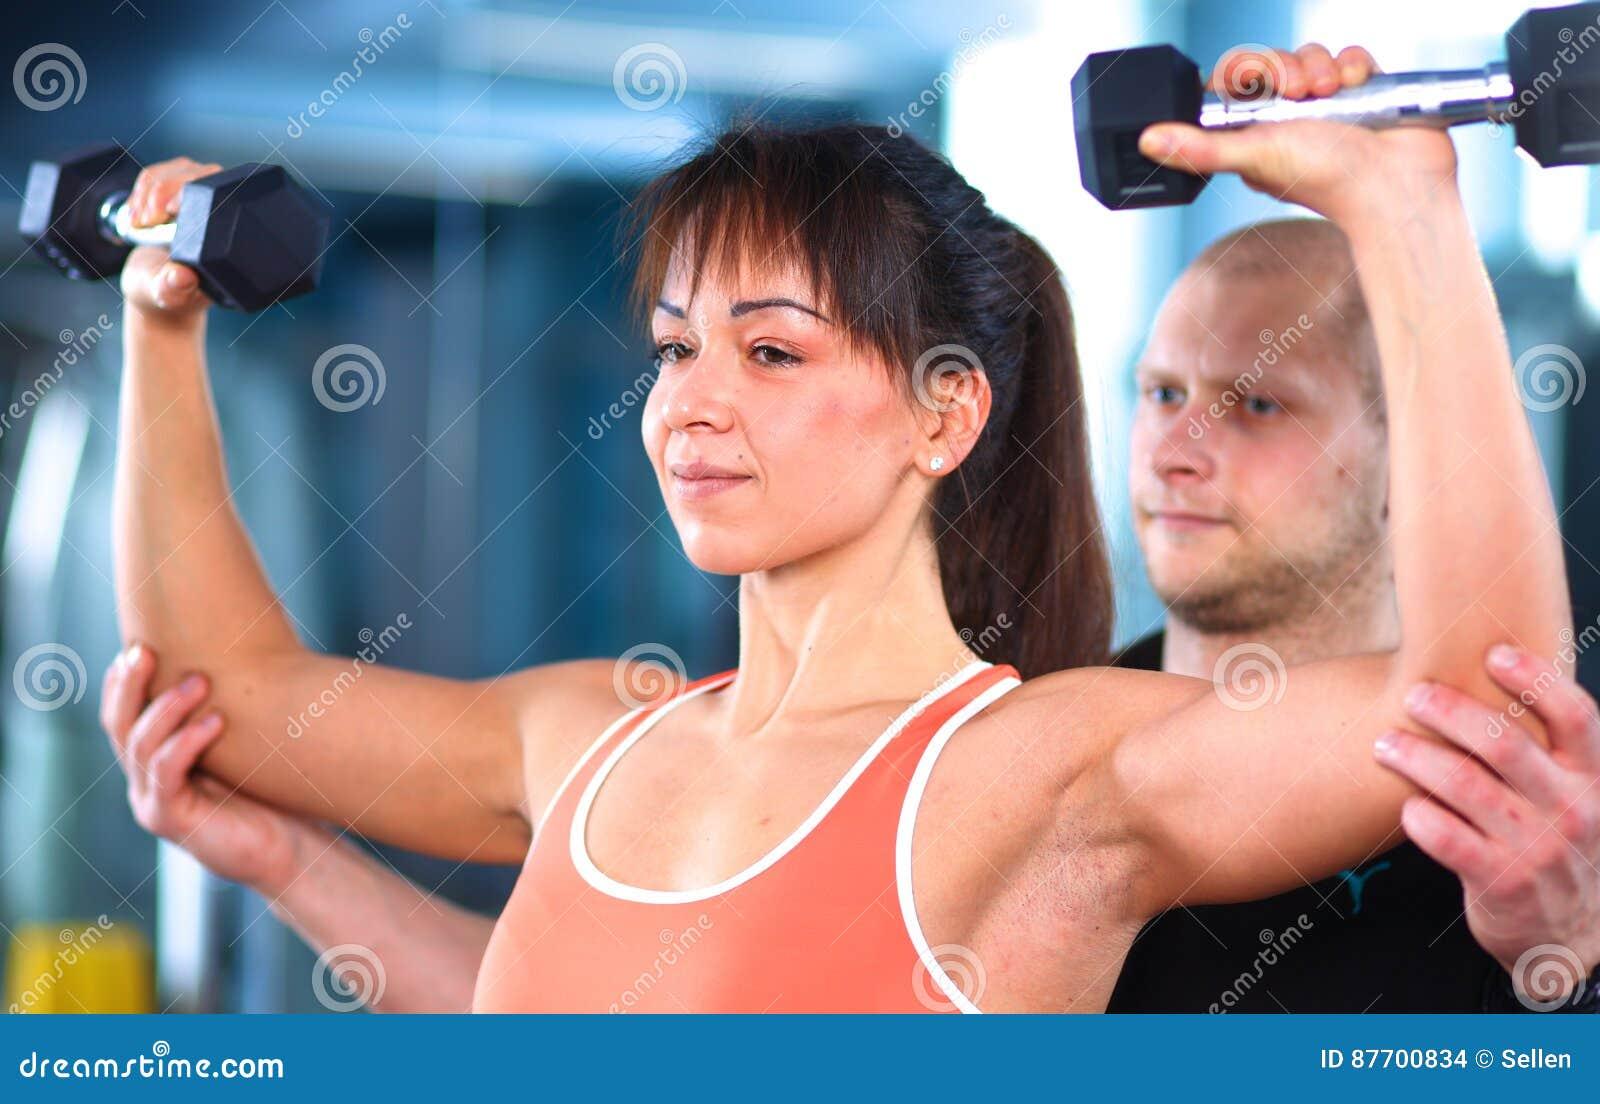 Belle femme au gymnase s exerçant avec son entraîneur